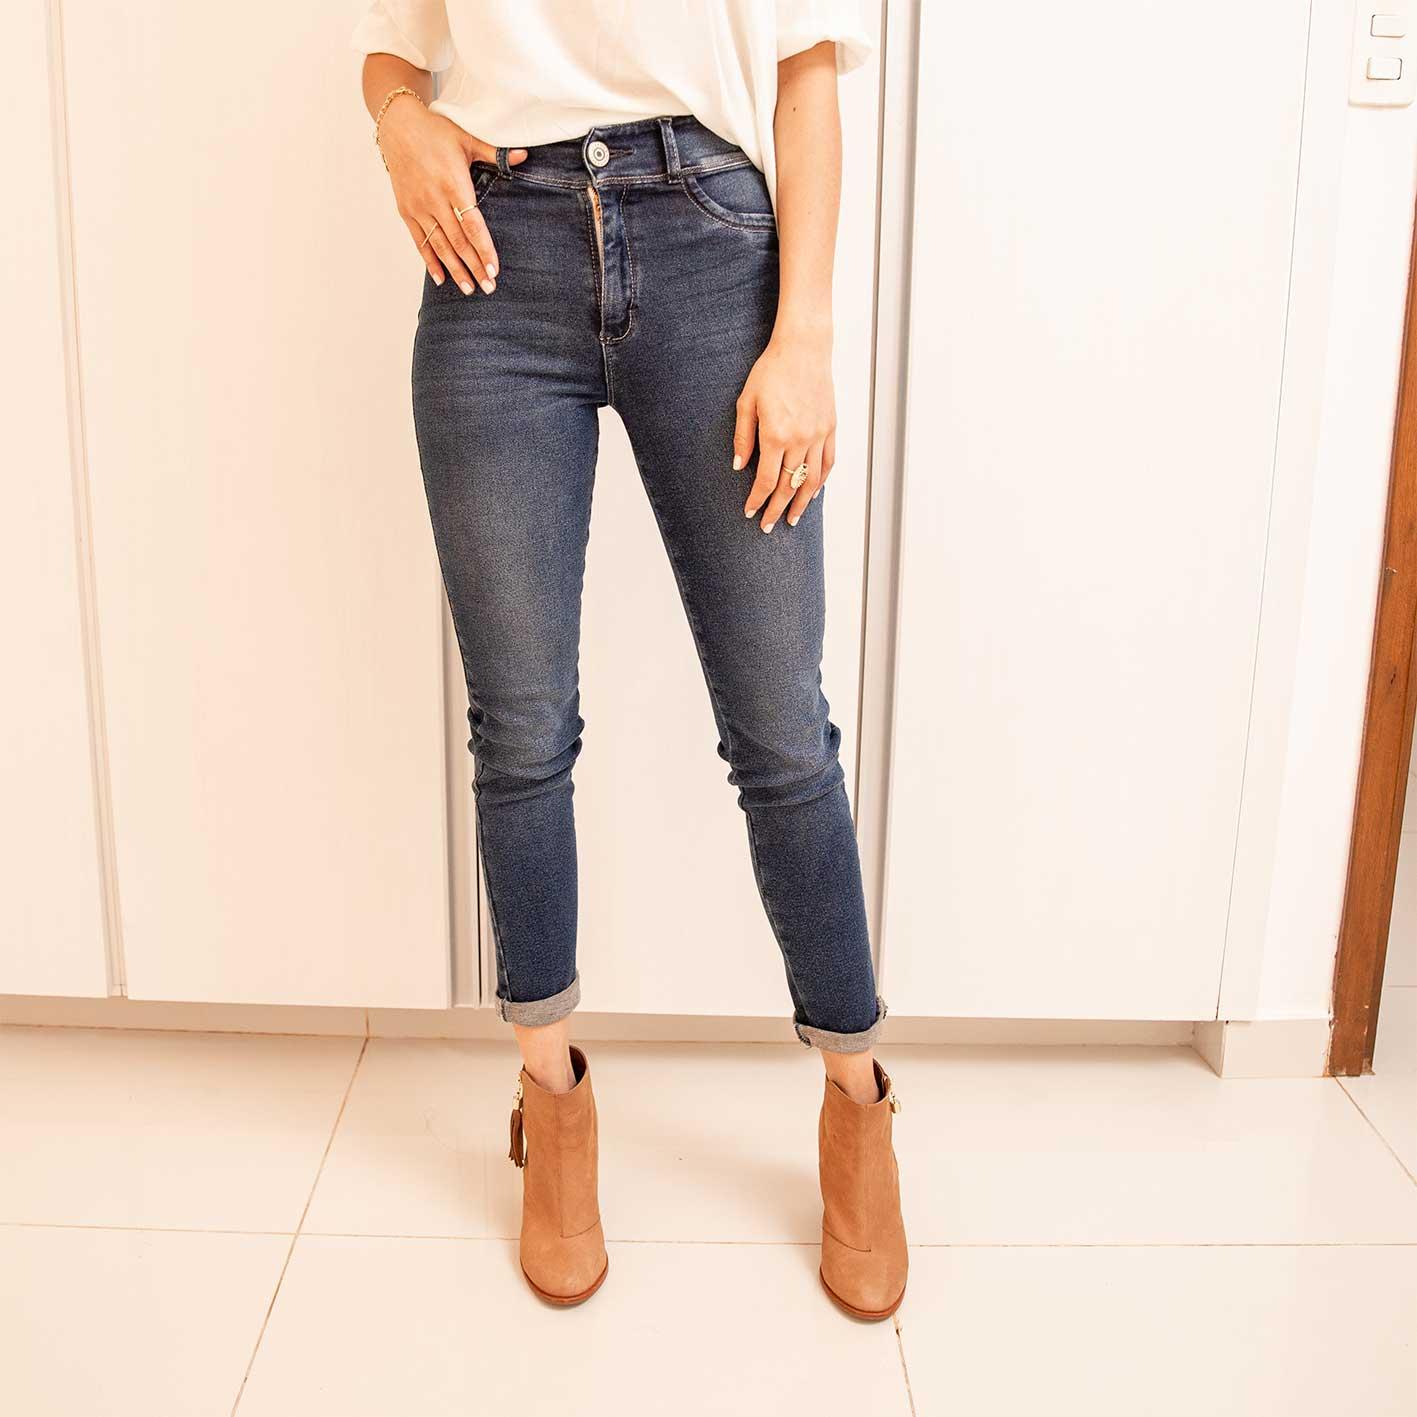 Corton Jeans Cod. 1210124